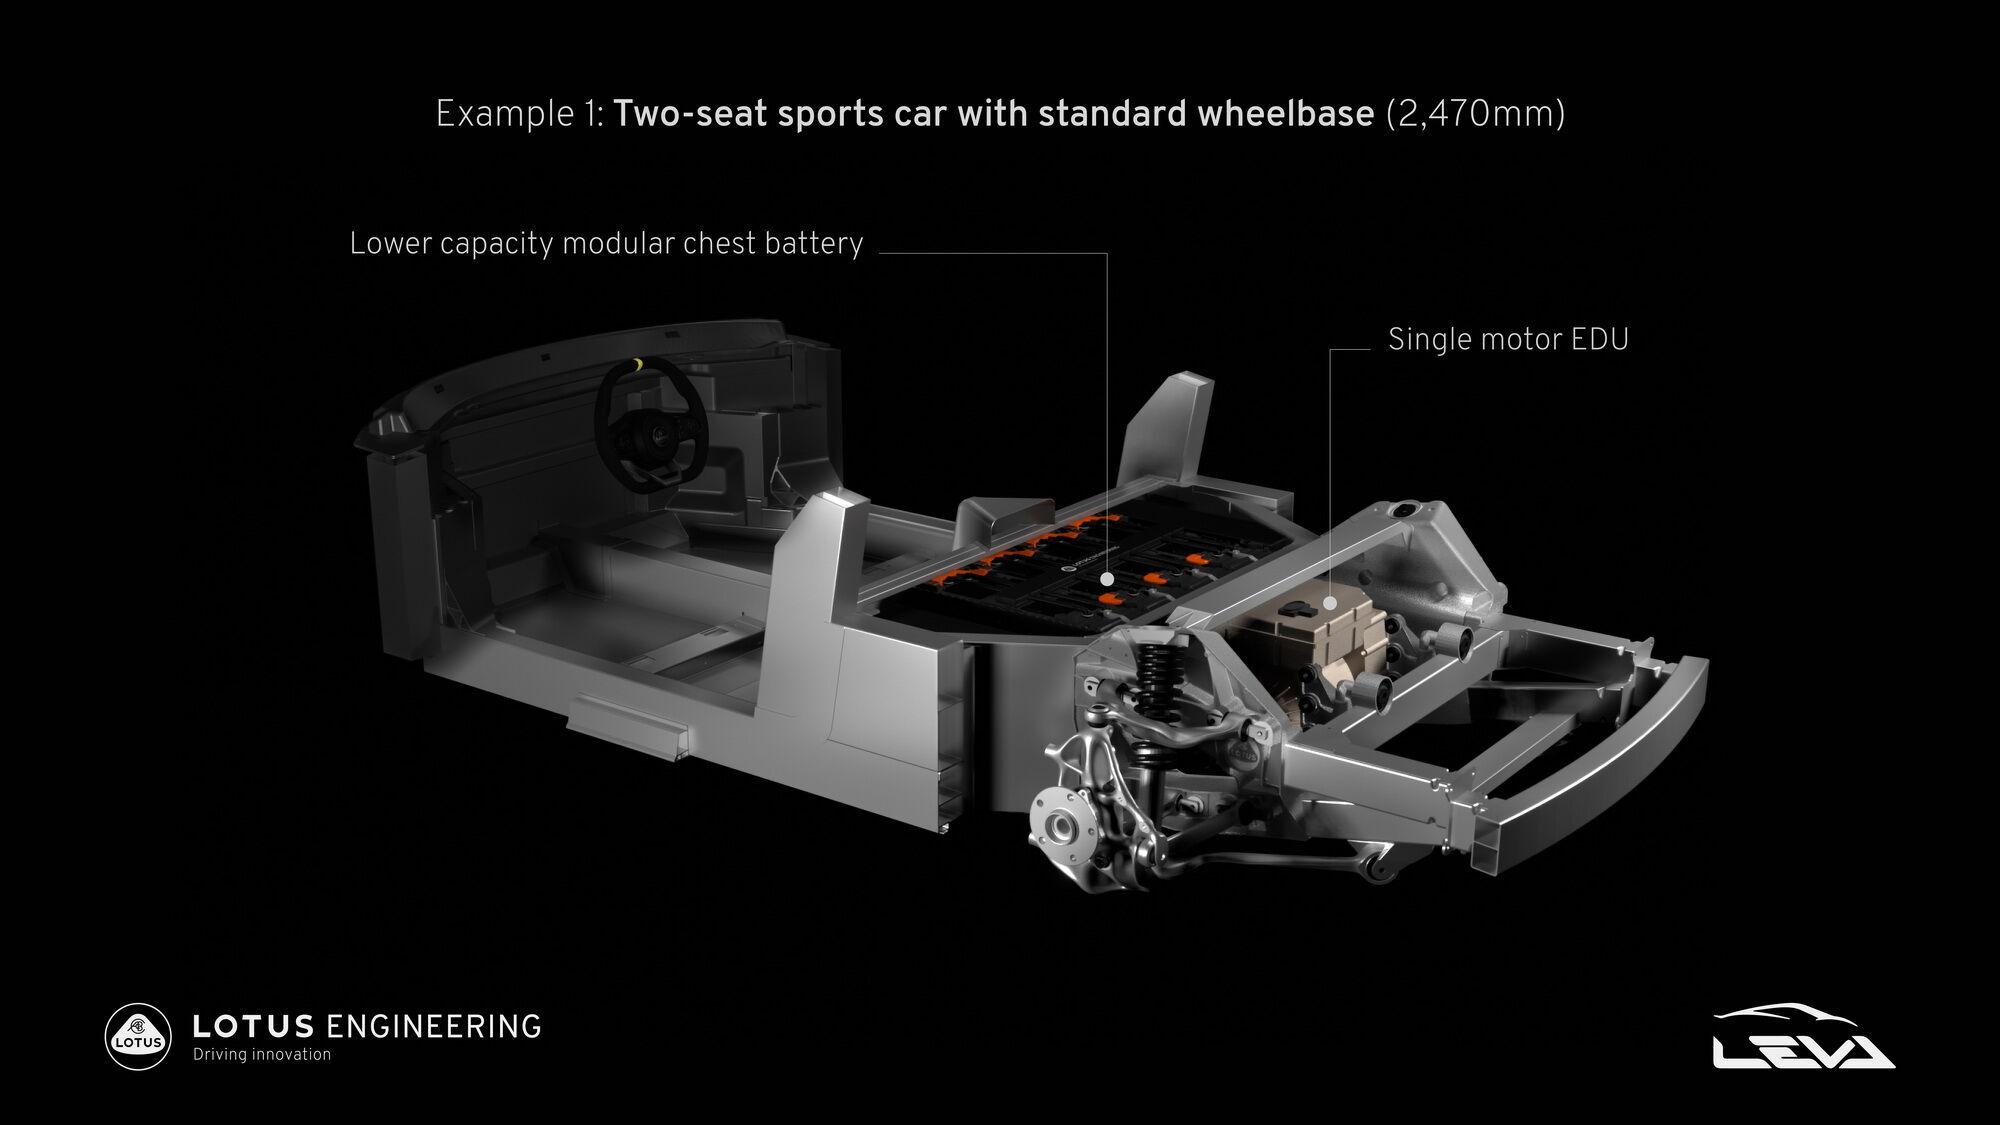 Основа двомісного спорткара з короткою базою (2470 мм), вертикально розташованою АКБ на 66,4 кВтг та 476-сильним електромотором